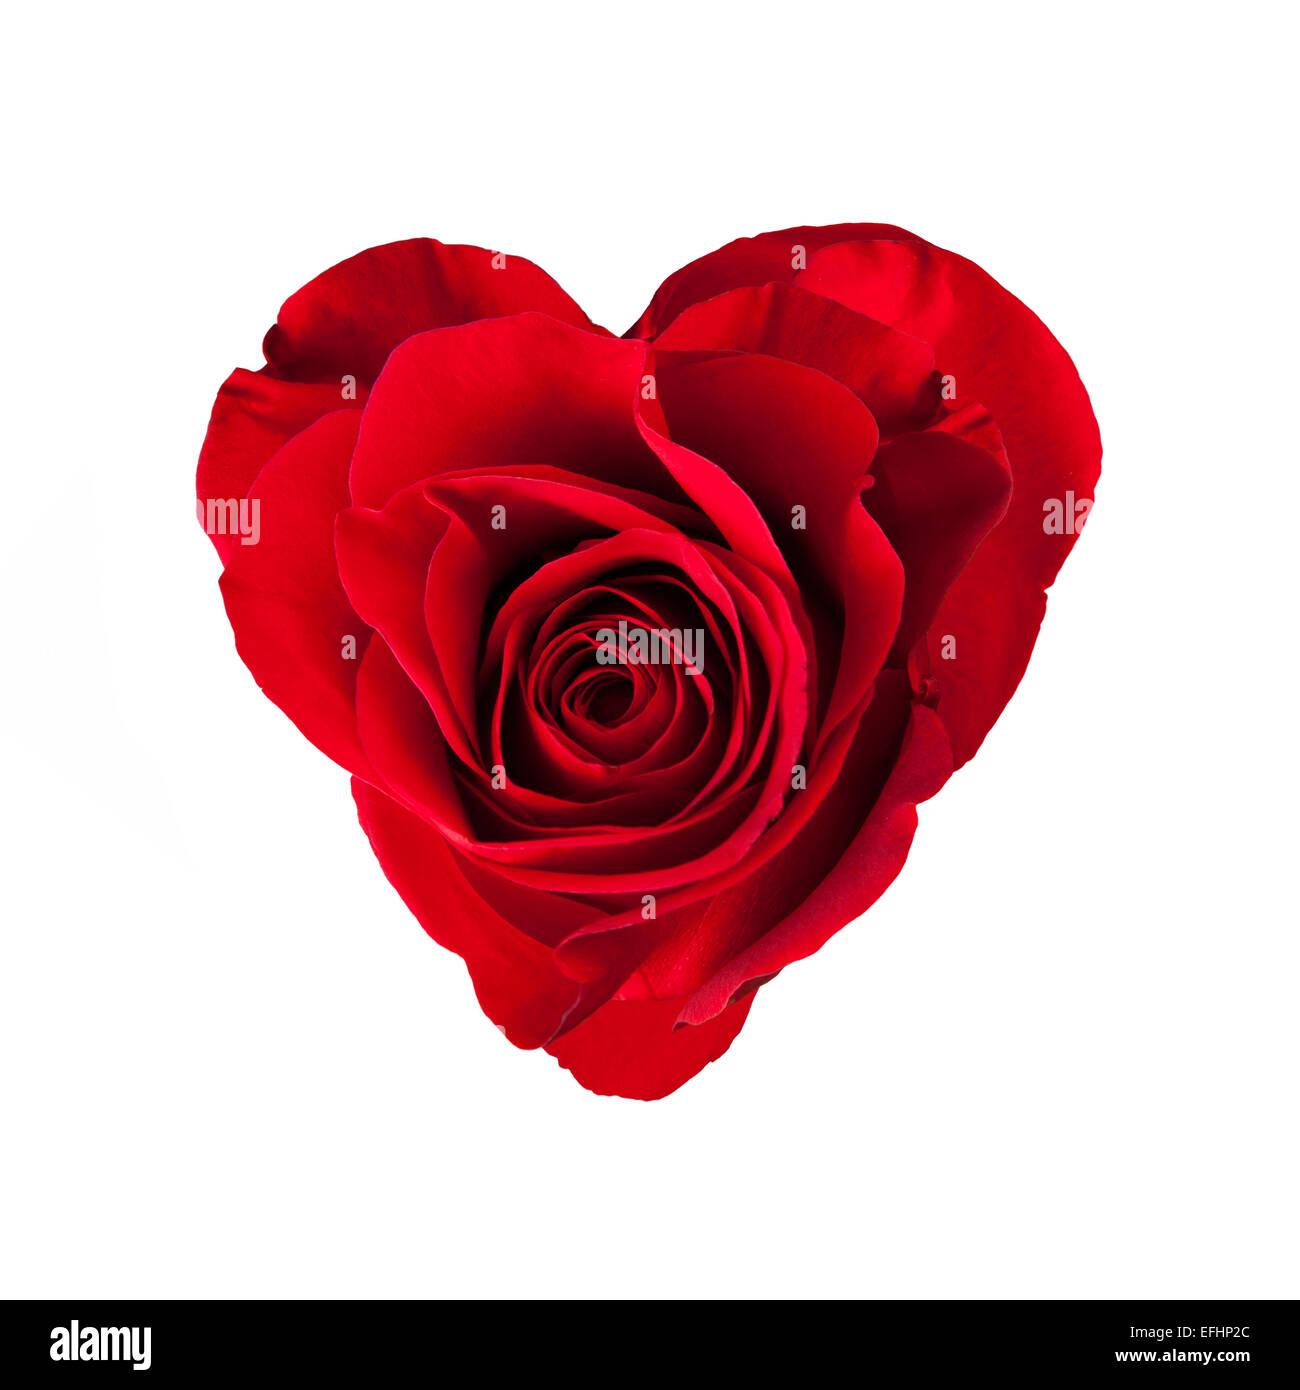 Red Rose fiore a forma di cuore, isolato su sfondo bianco Immagini Stock